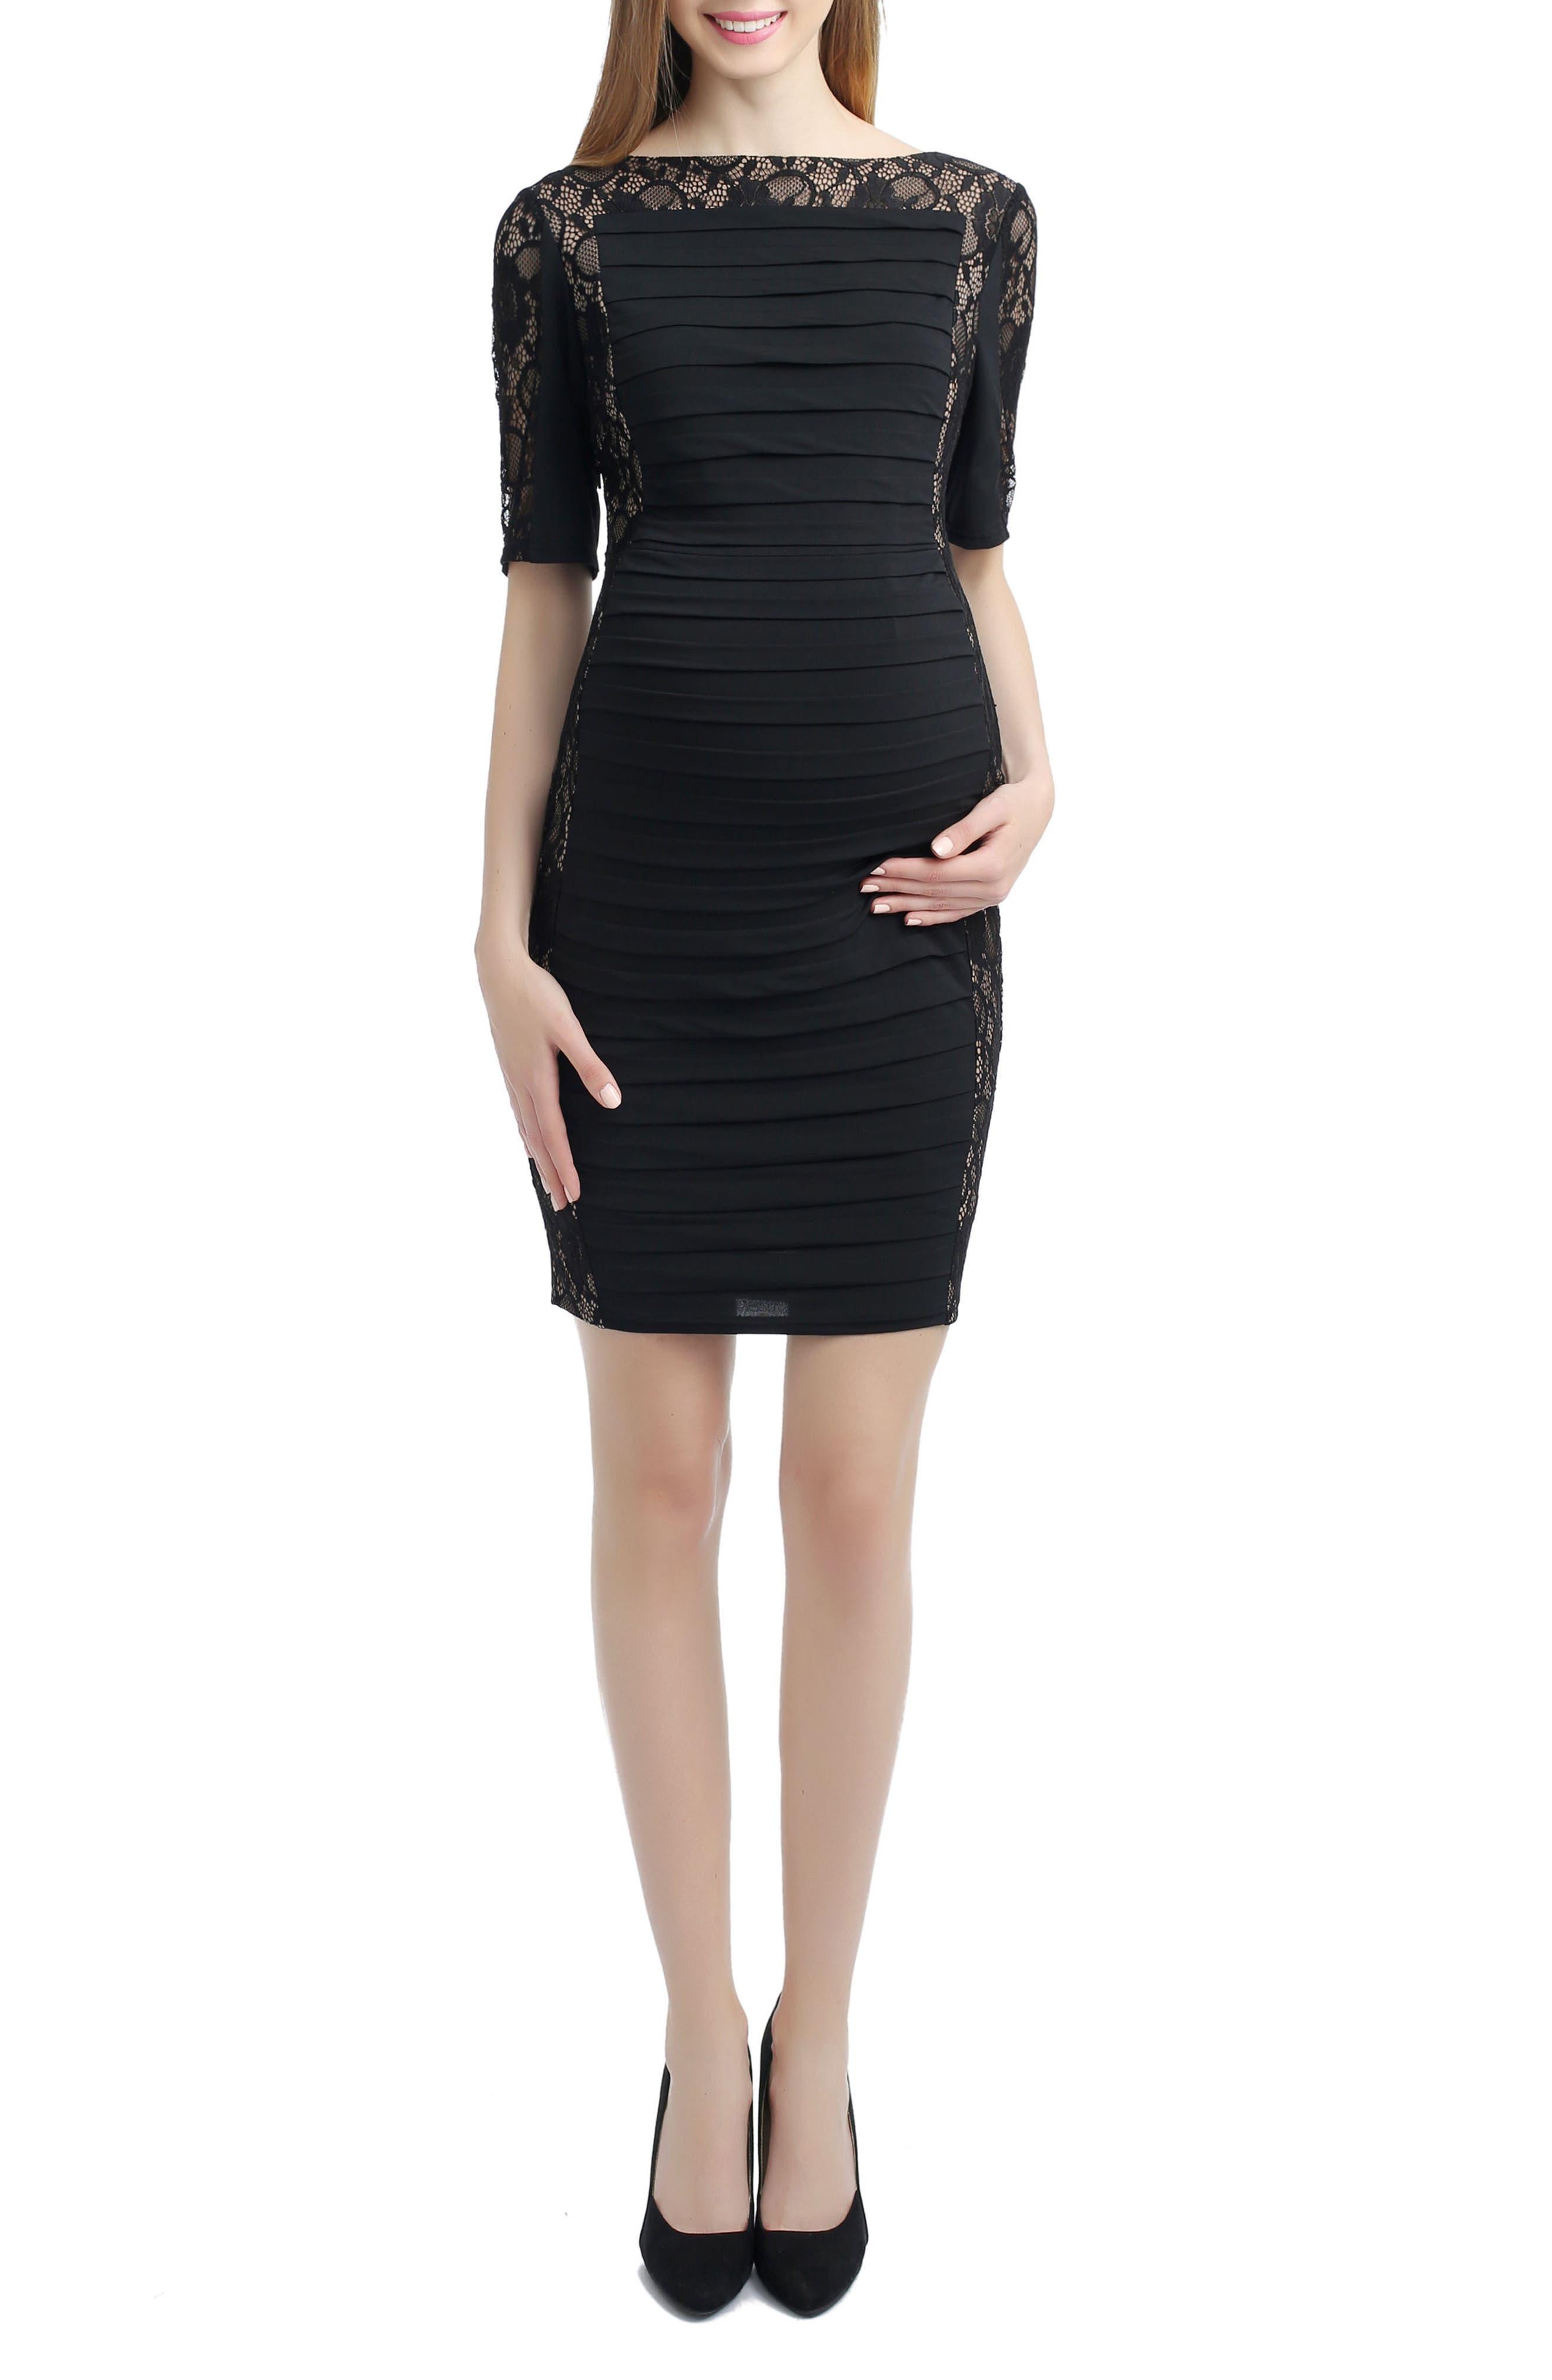 Estelle Lace Maternity Dress,                         Main,                         color, 001